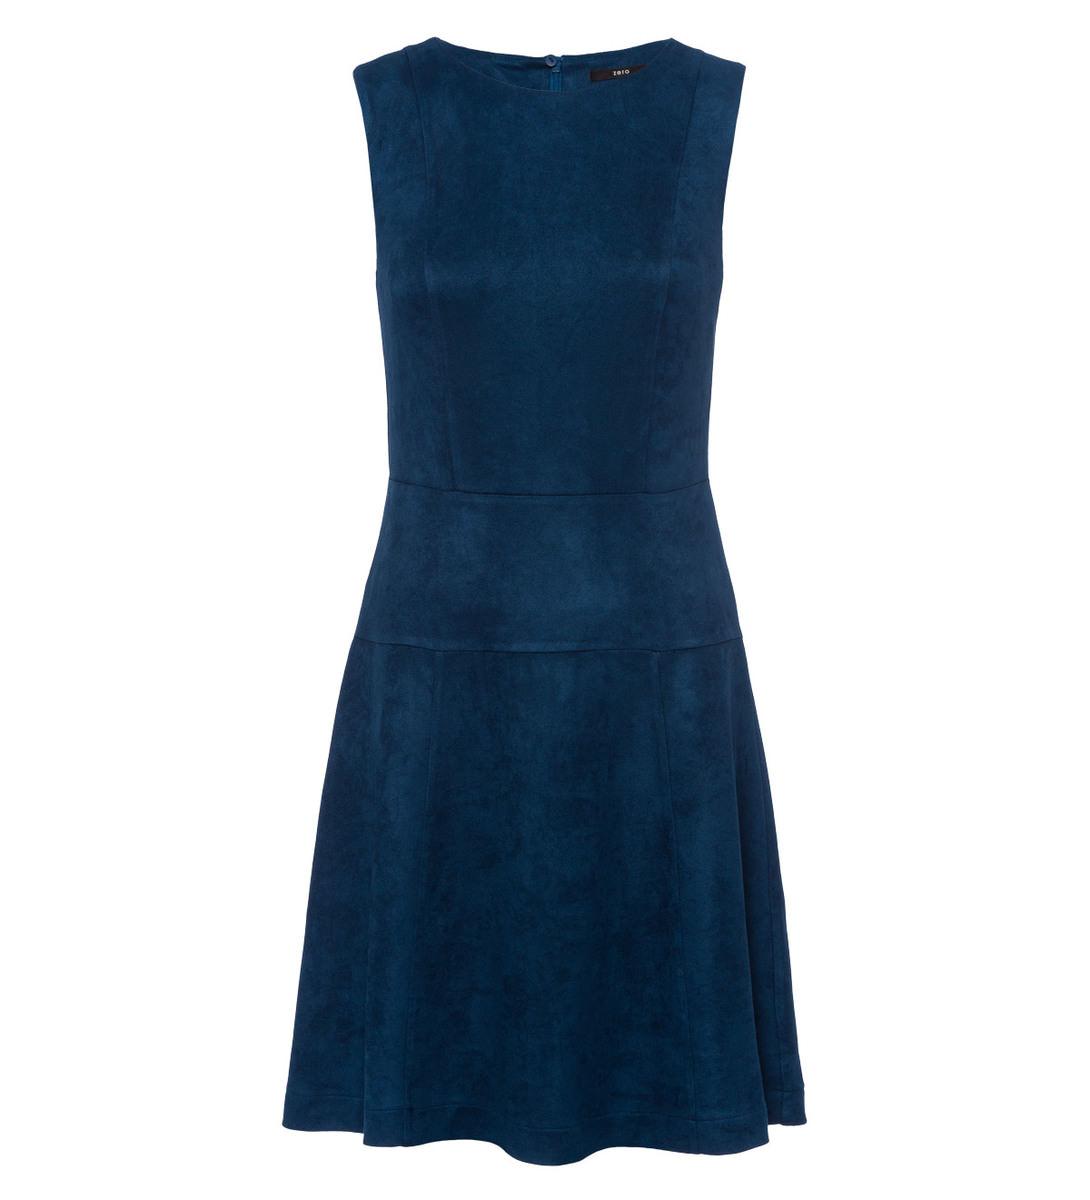 Kleid im Velours-Look in petrol blue